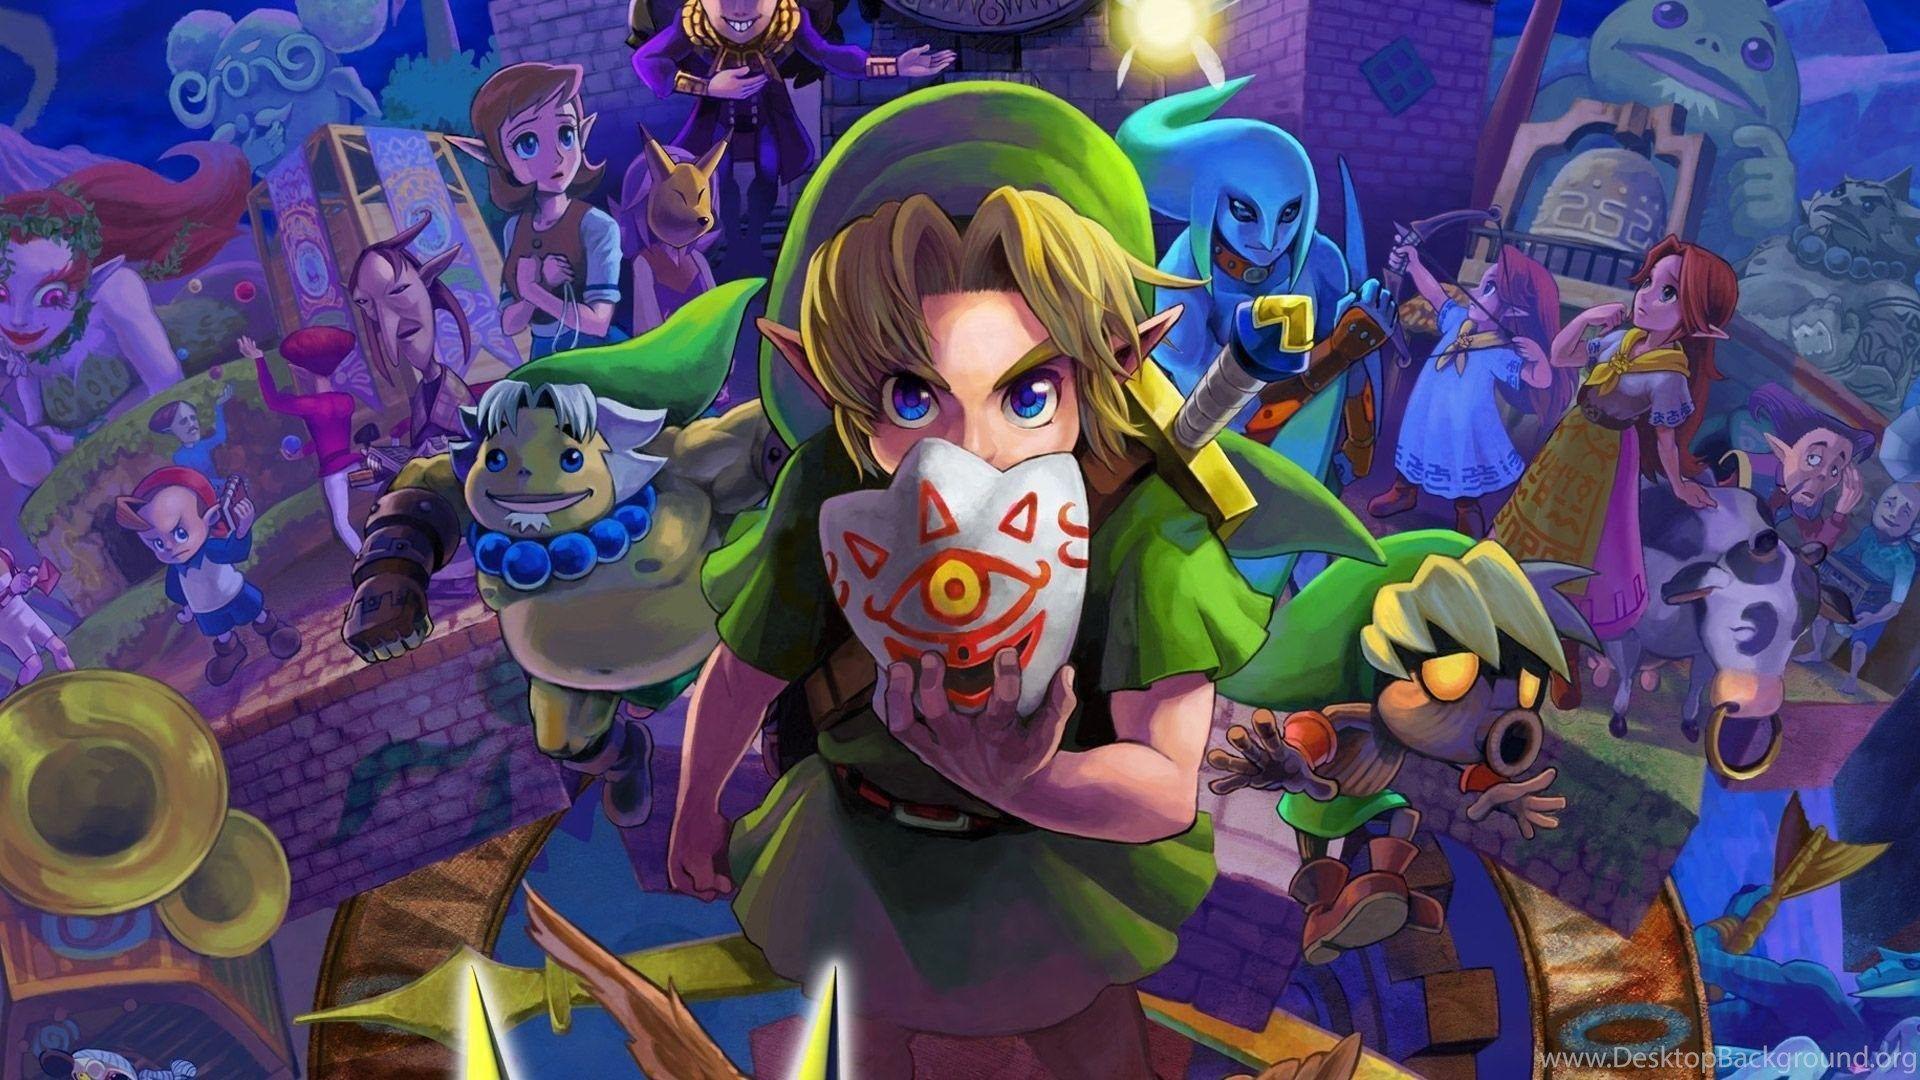 1920 X 1080 Legend Of Zelda Wallpapers Top Free 1920 X 1080 Legend